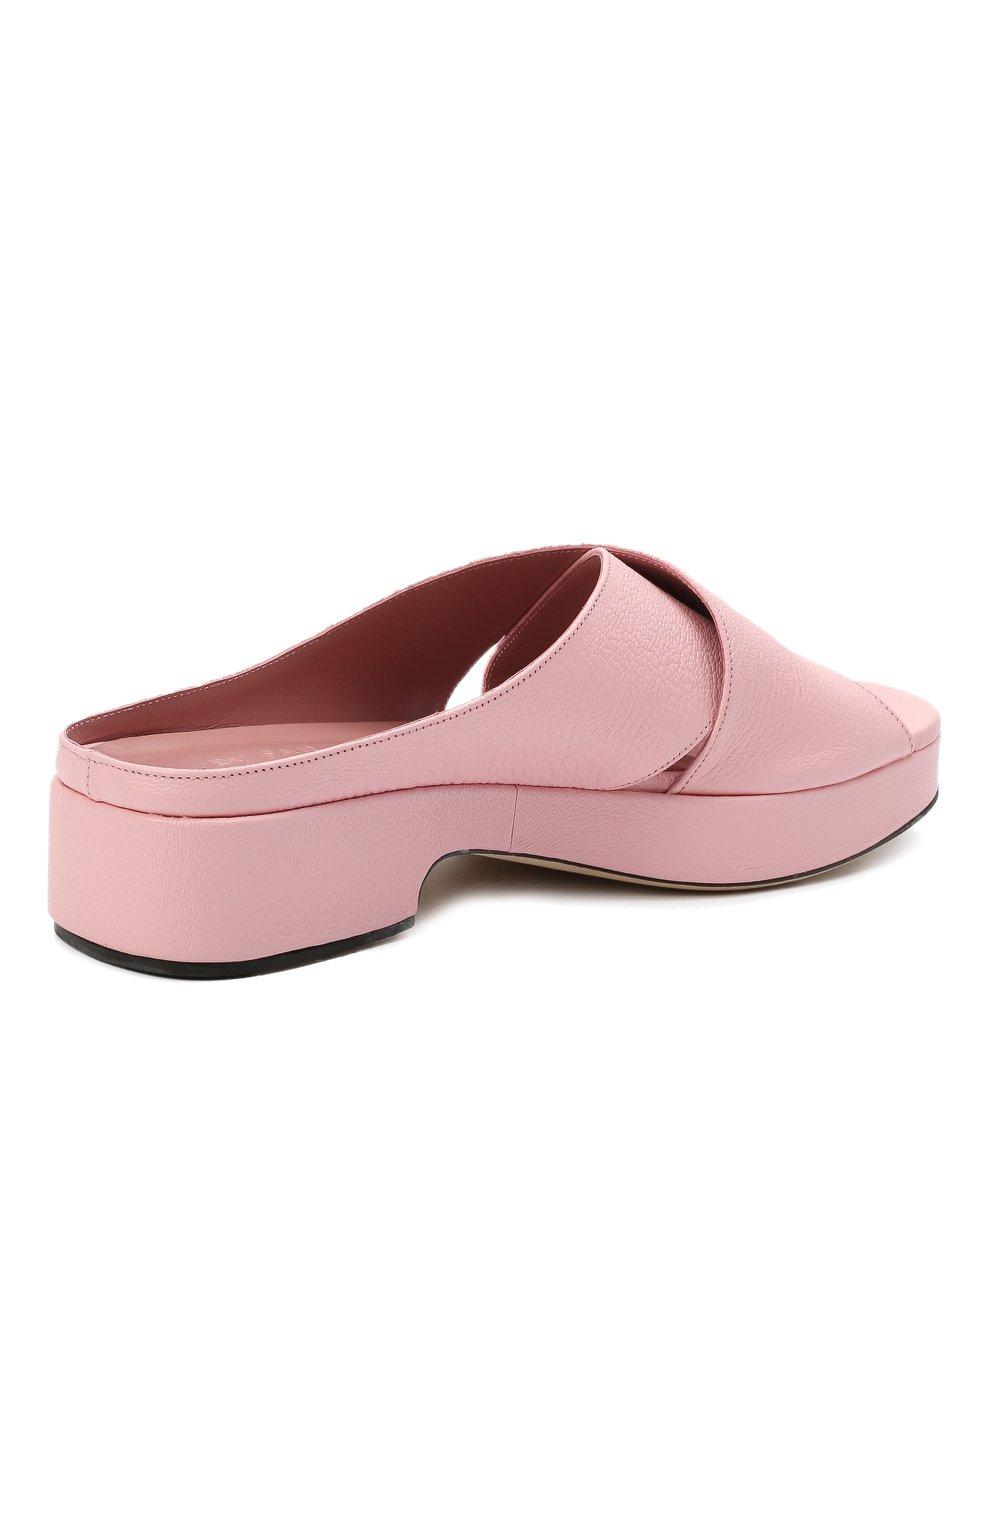 Женские кожаные сабо iggy BY FAR розового цвета, арт. 21CRIGSP0GRL | Фото 4 (Подошва: Платформа; Каблук высота: Низкий; Материал внутренний: Натуральная кожа)